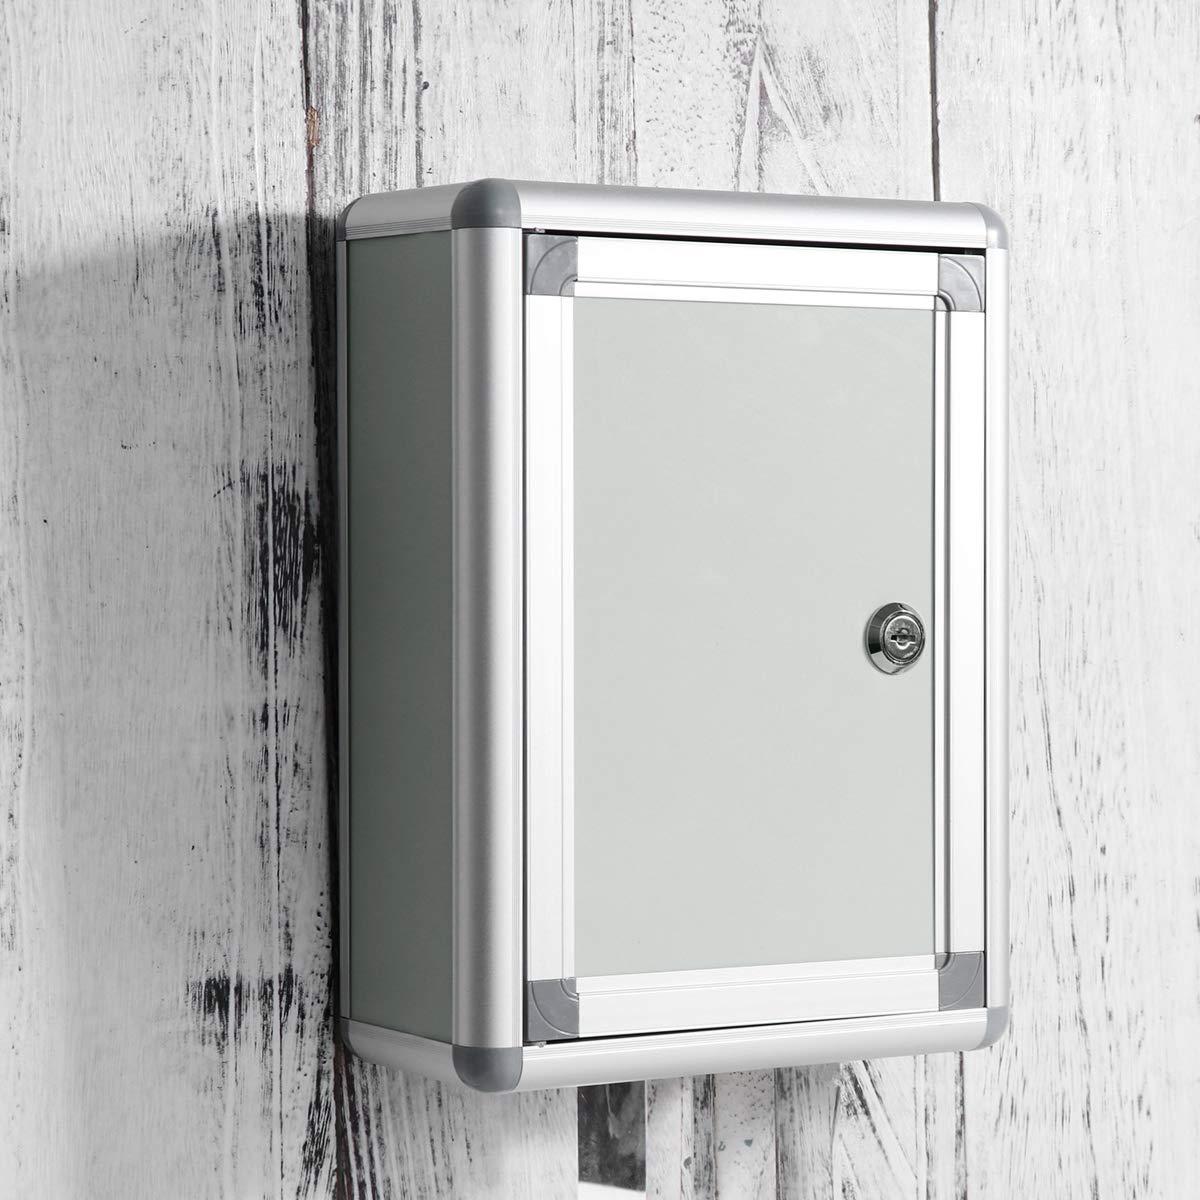 STOBOK buz/ón peque/ño buz/ón de sugerencias con cerradura colgar en la pared caja de quejas